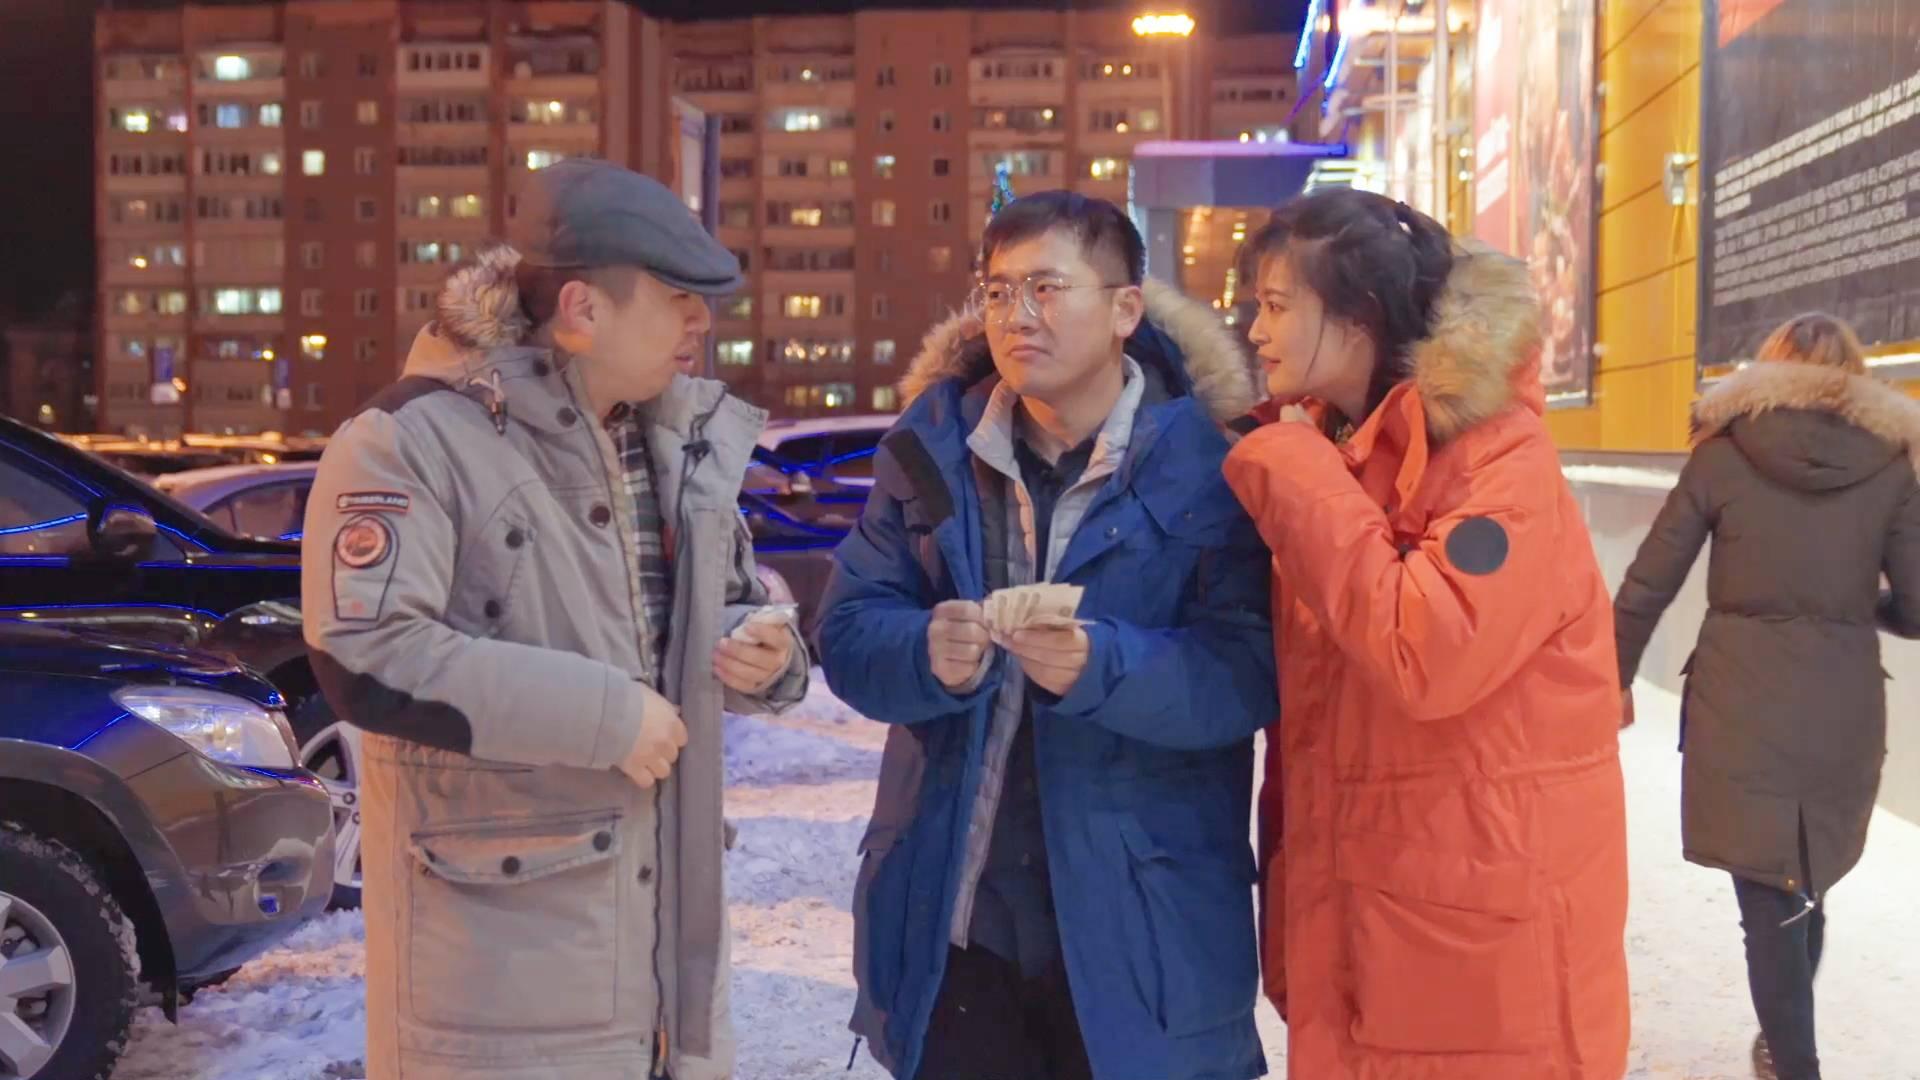 给盗月社500卢布买火锅食材,万万没想到他们竟买回来这些东西?!